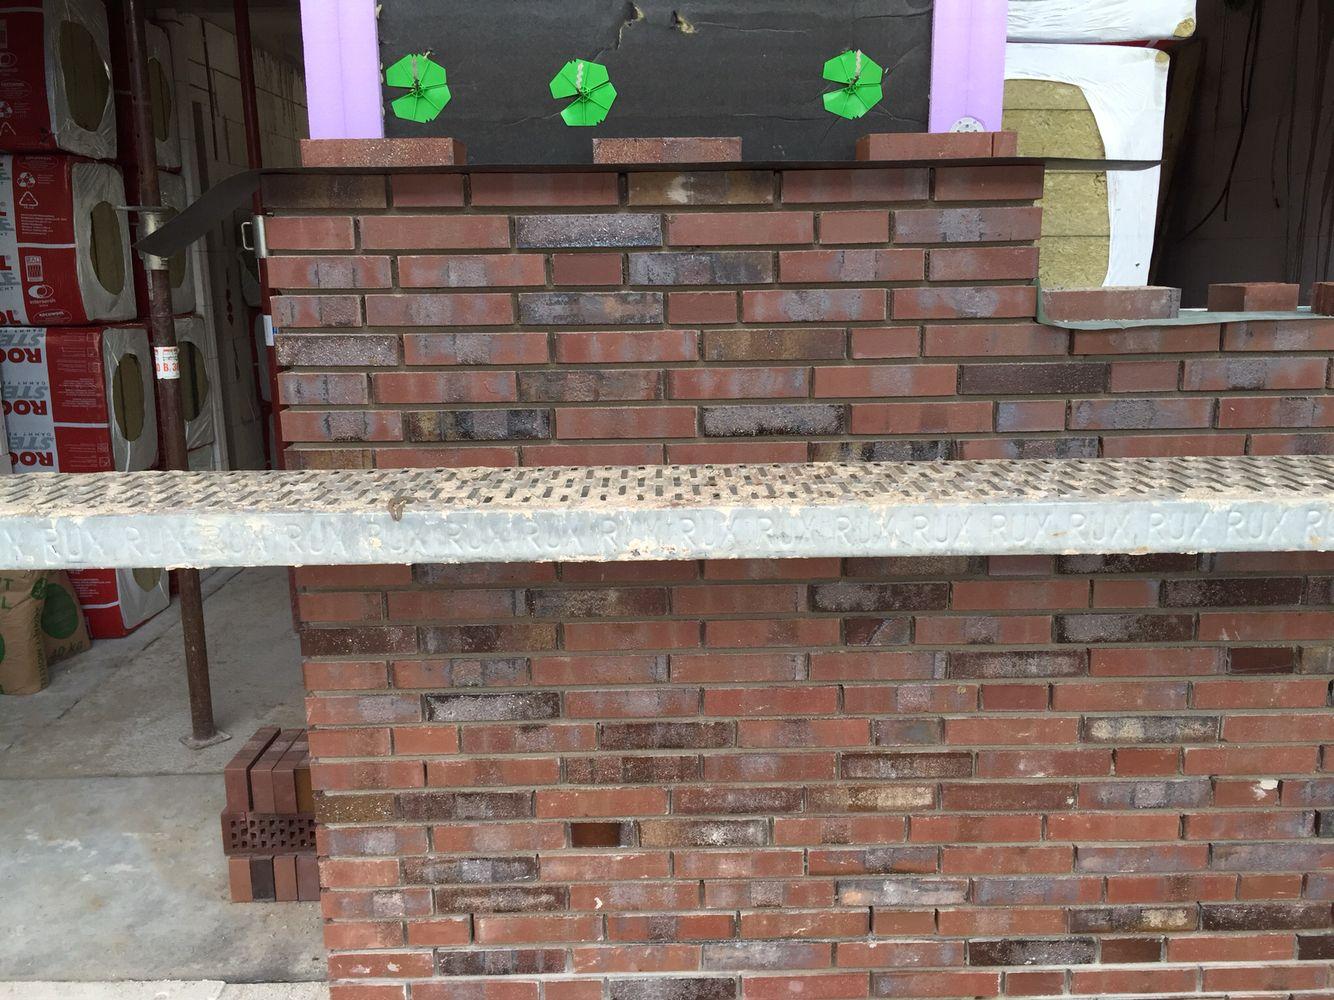 hagemeister l beck klinker brick hausbau 2015 pinterest. Black Bedroom Furniture Sets. Home Design Ideas